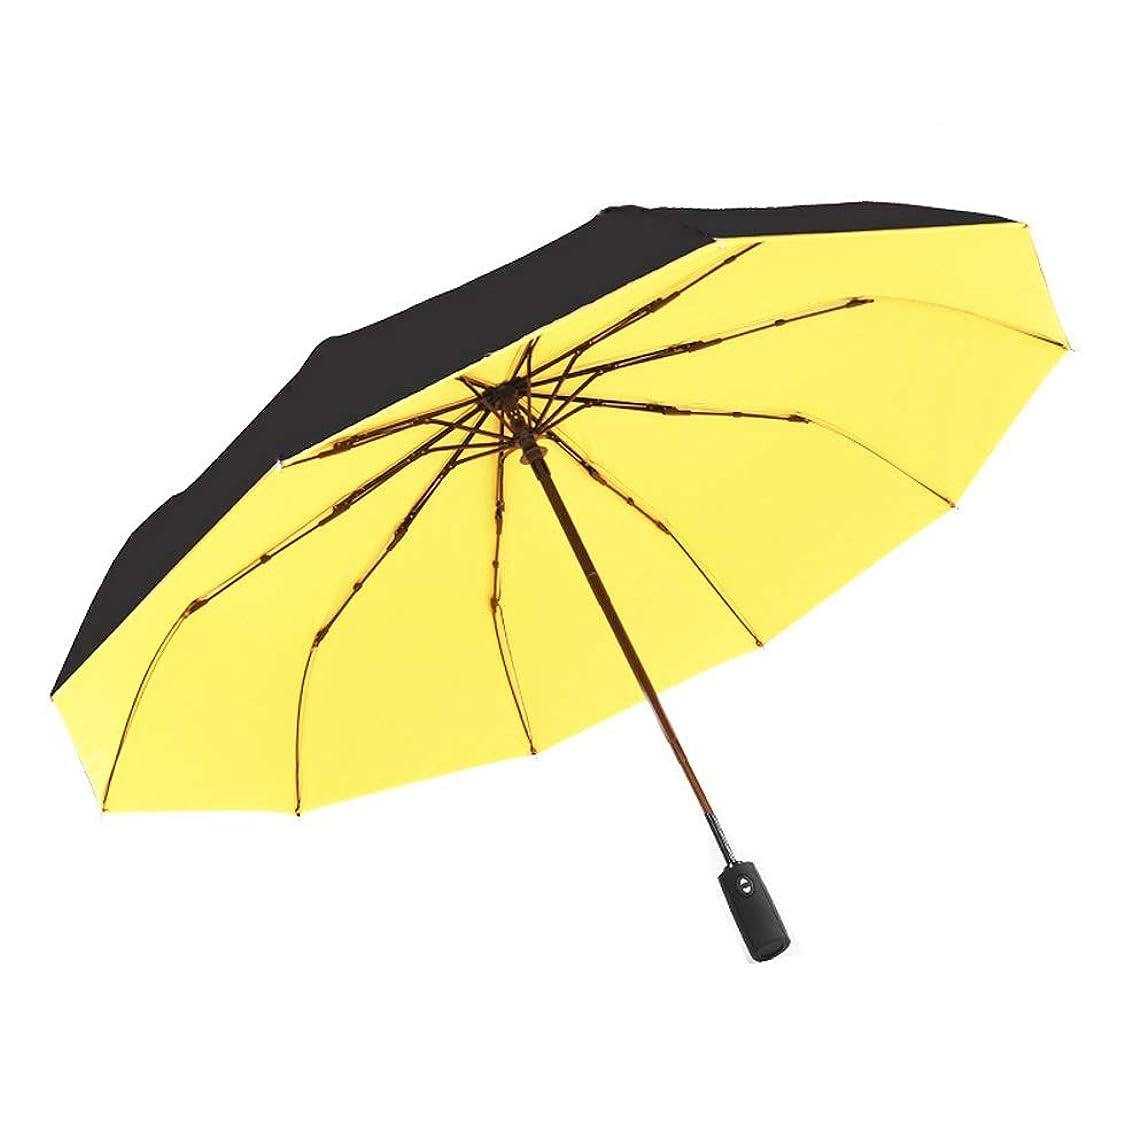 尊敬する重要性パイプSYMJP 折りたたみ傘 レディース メンズ 傘 10本骨 紫外線カット 晴雨兼用 自動開閉 (Color : イエロー, Size : フリー)